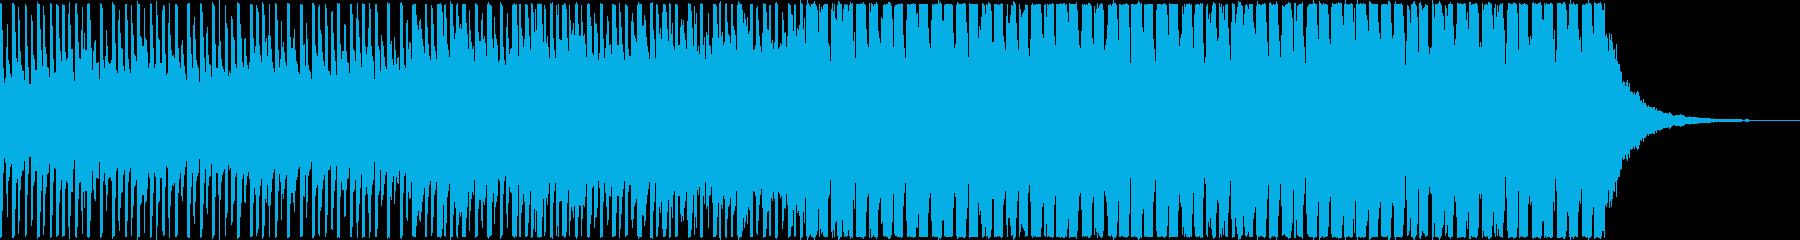 明るい・爽やか/企業VP系07aの再生済みの波形